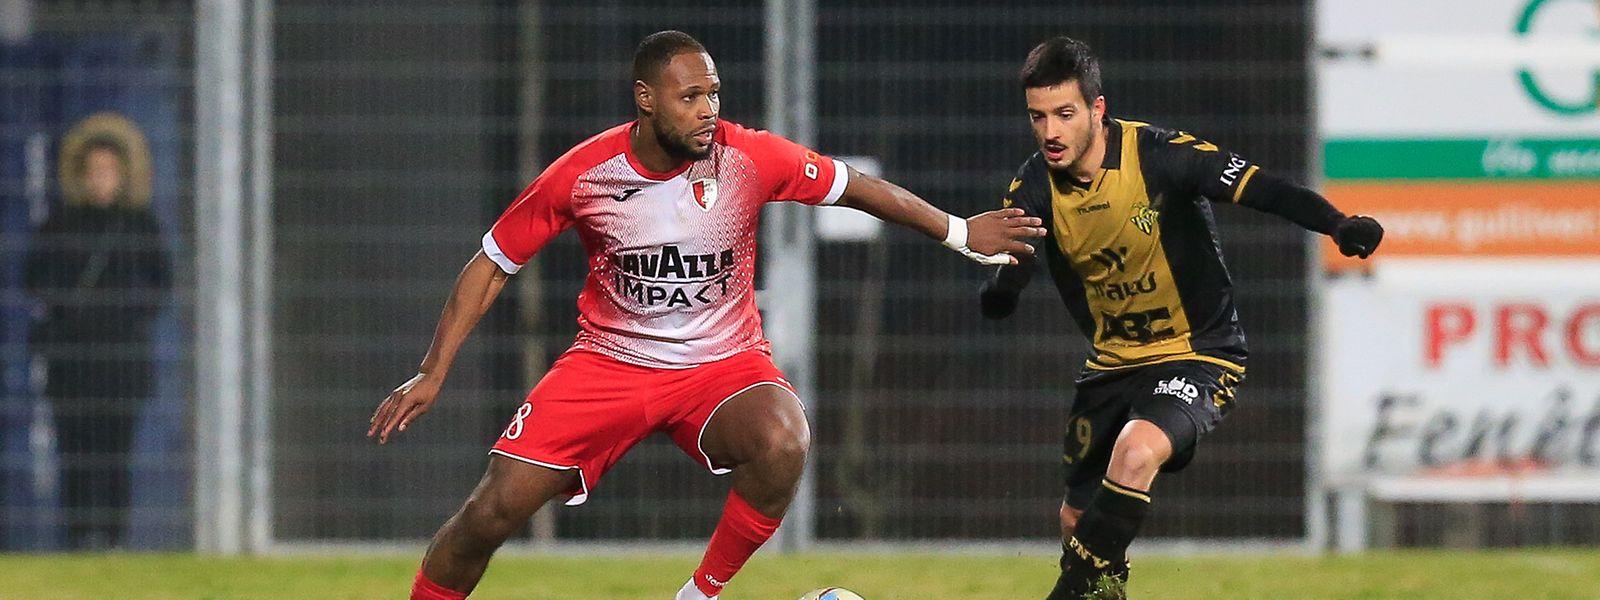 Hakim Abdallah, hier gegen Progrès-Spieler Yannick Bastos (r.), führte Hesperingen mit drei Treffern an.